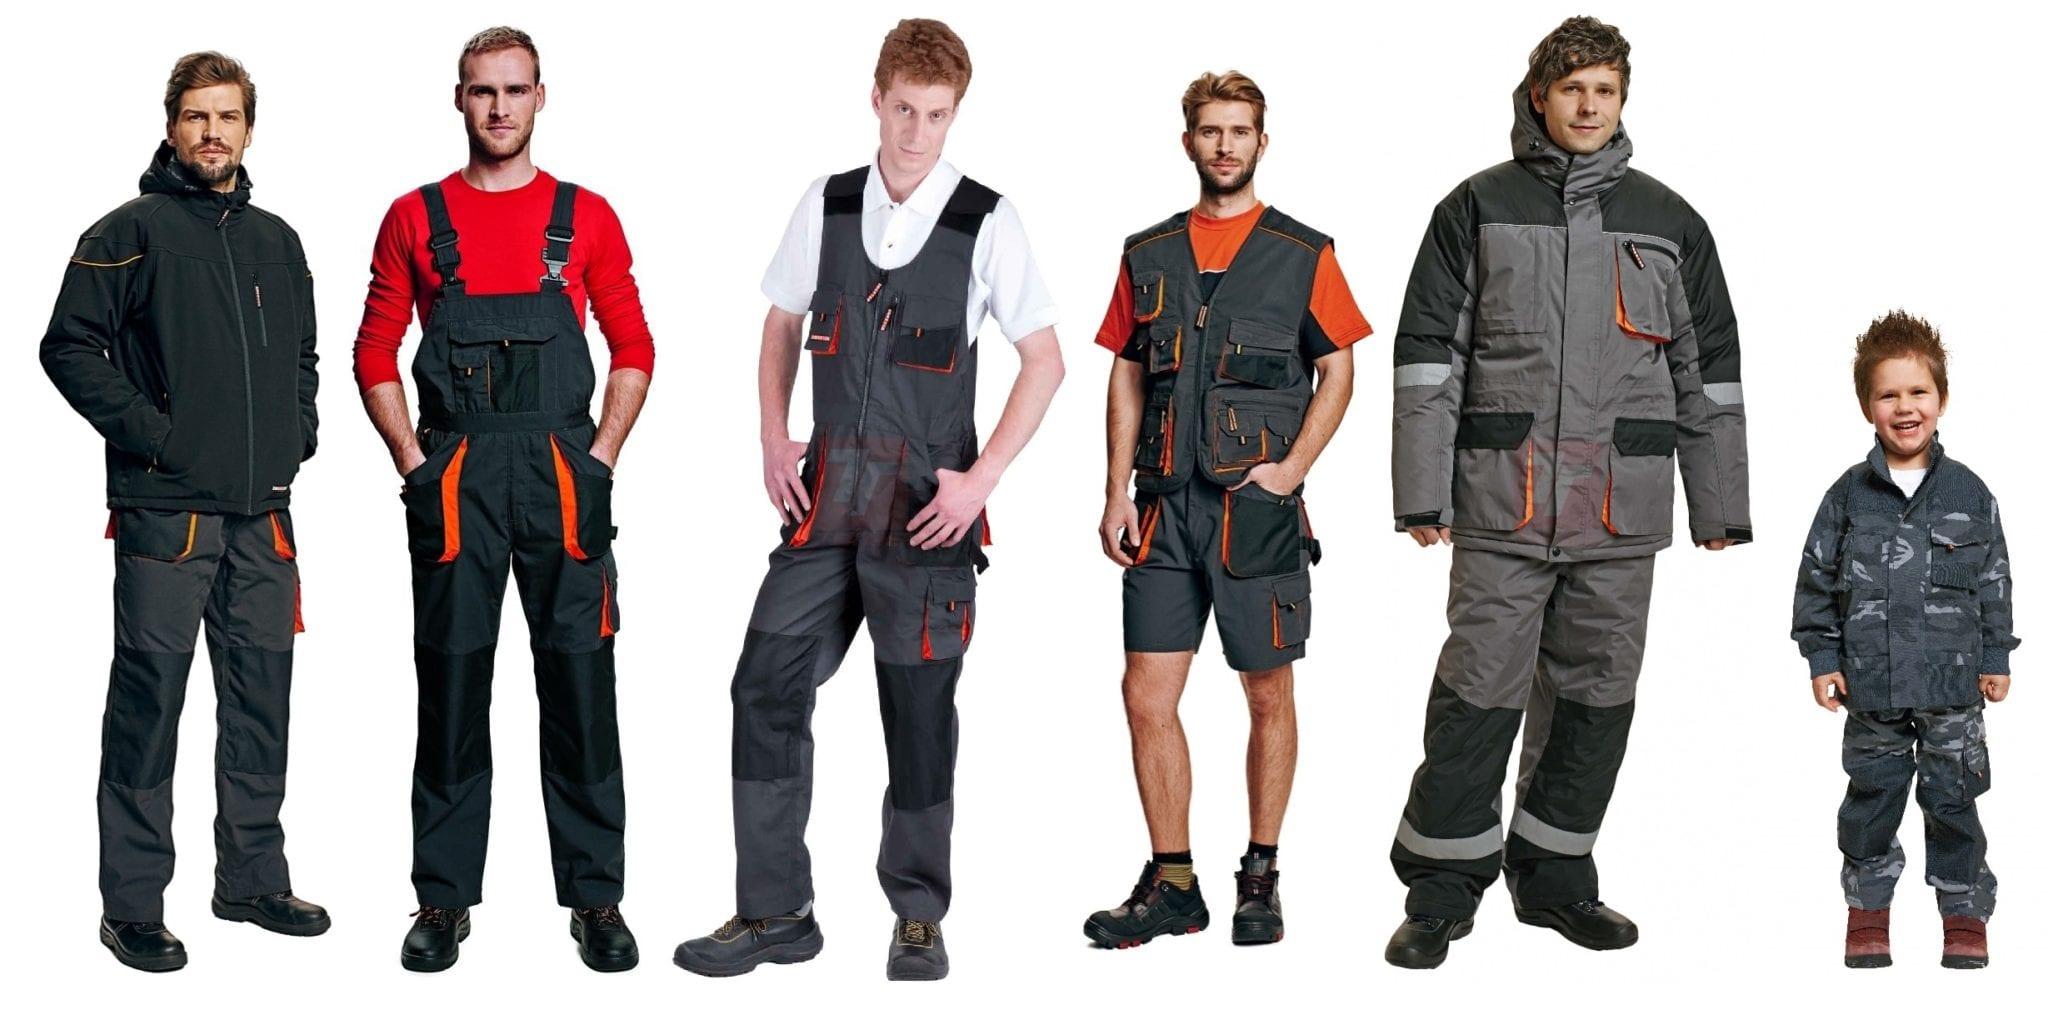 Oblečení od řemeslníků pro řemeslníky aneb tipy na stylové a praktické montérky